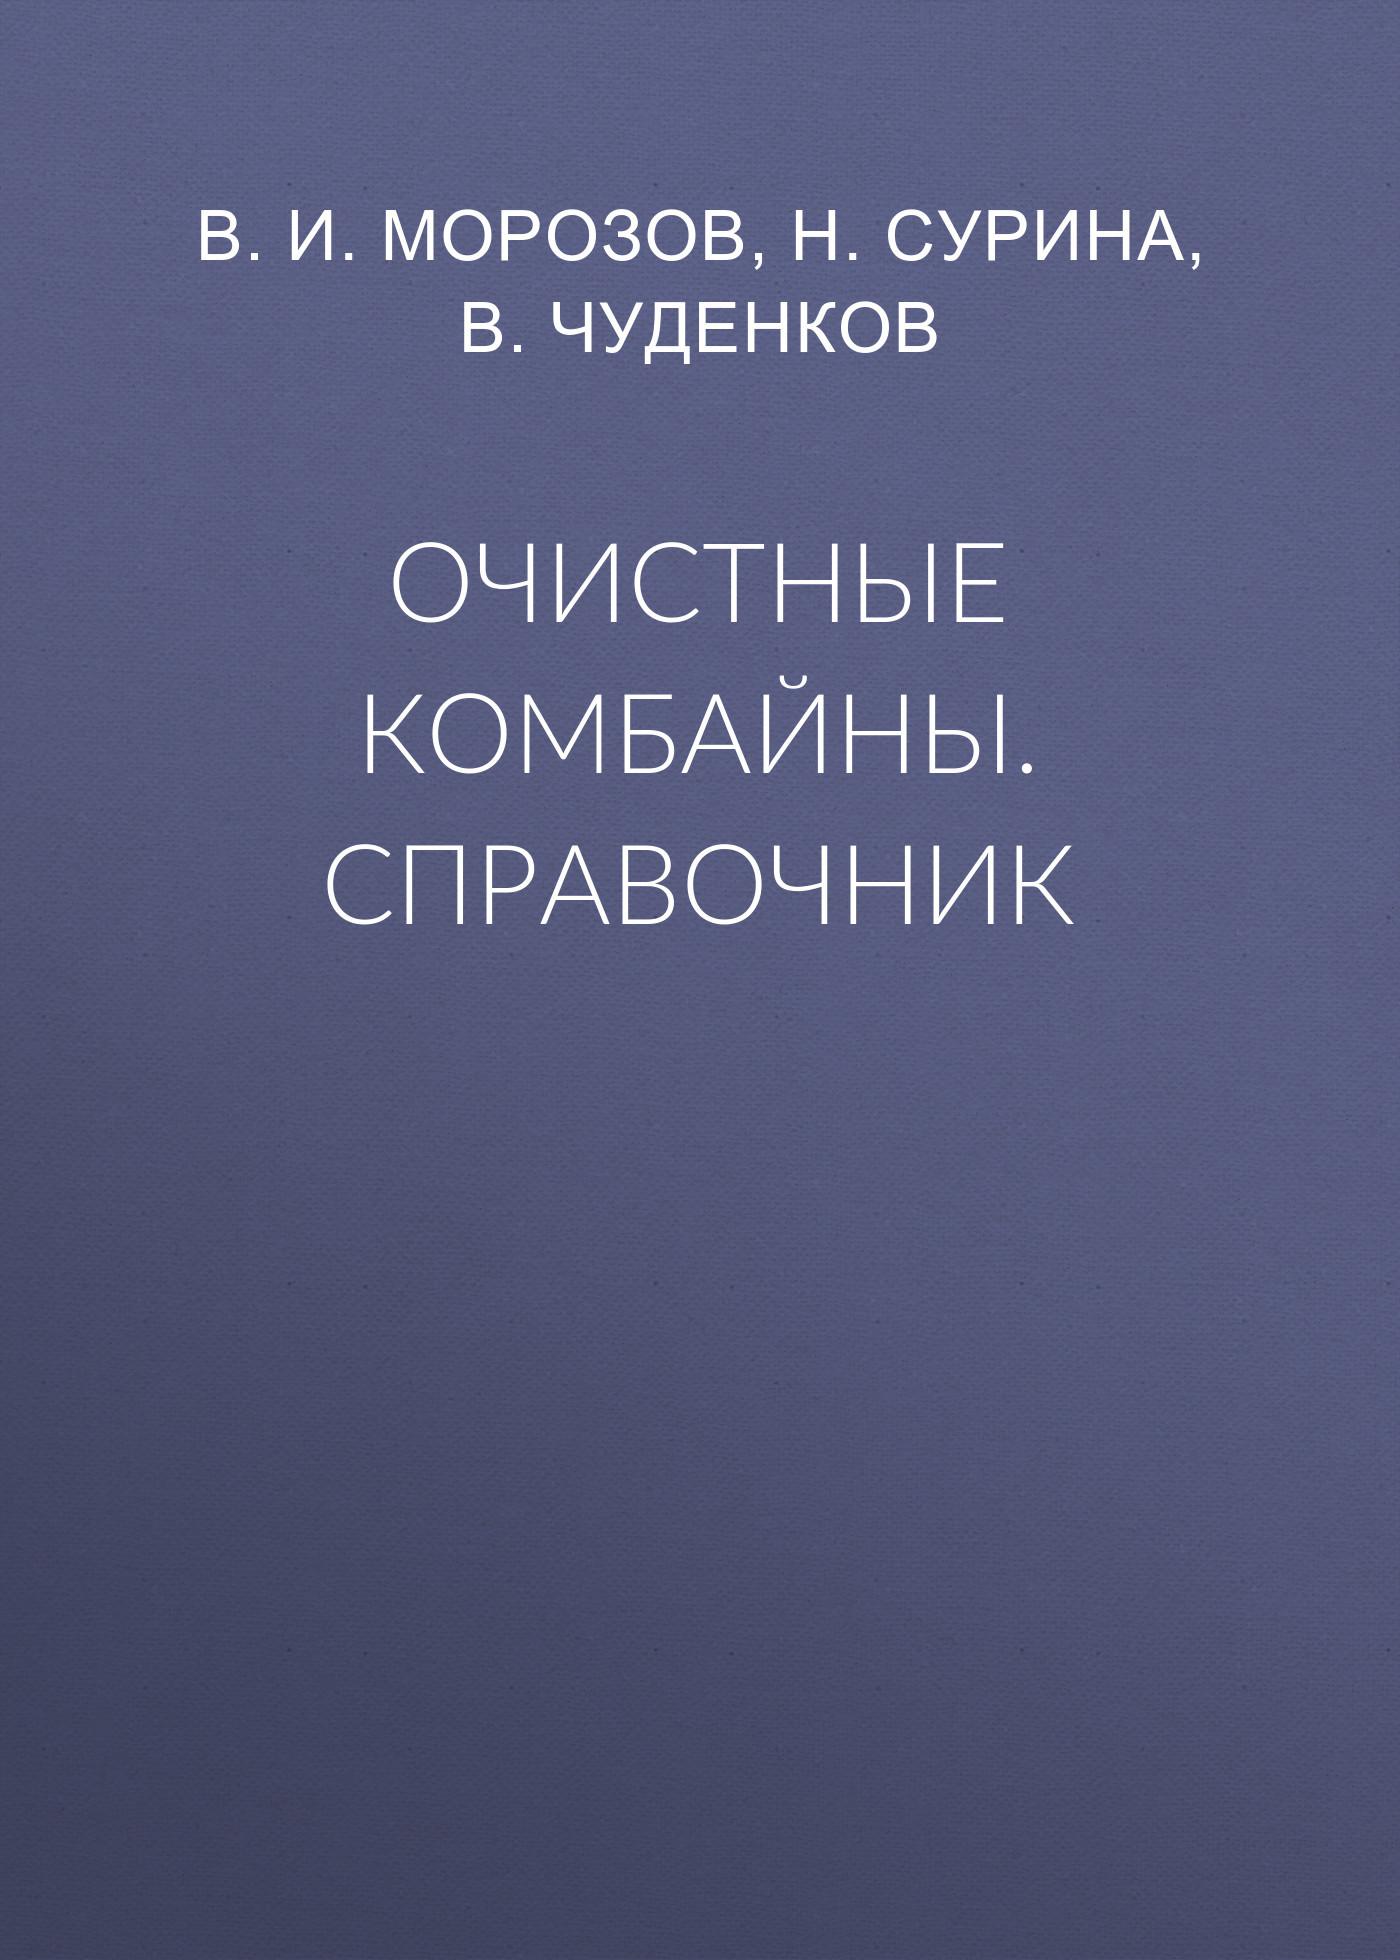 В. И. Морозов Очистные комбайны. Справочник